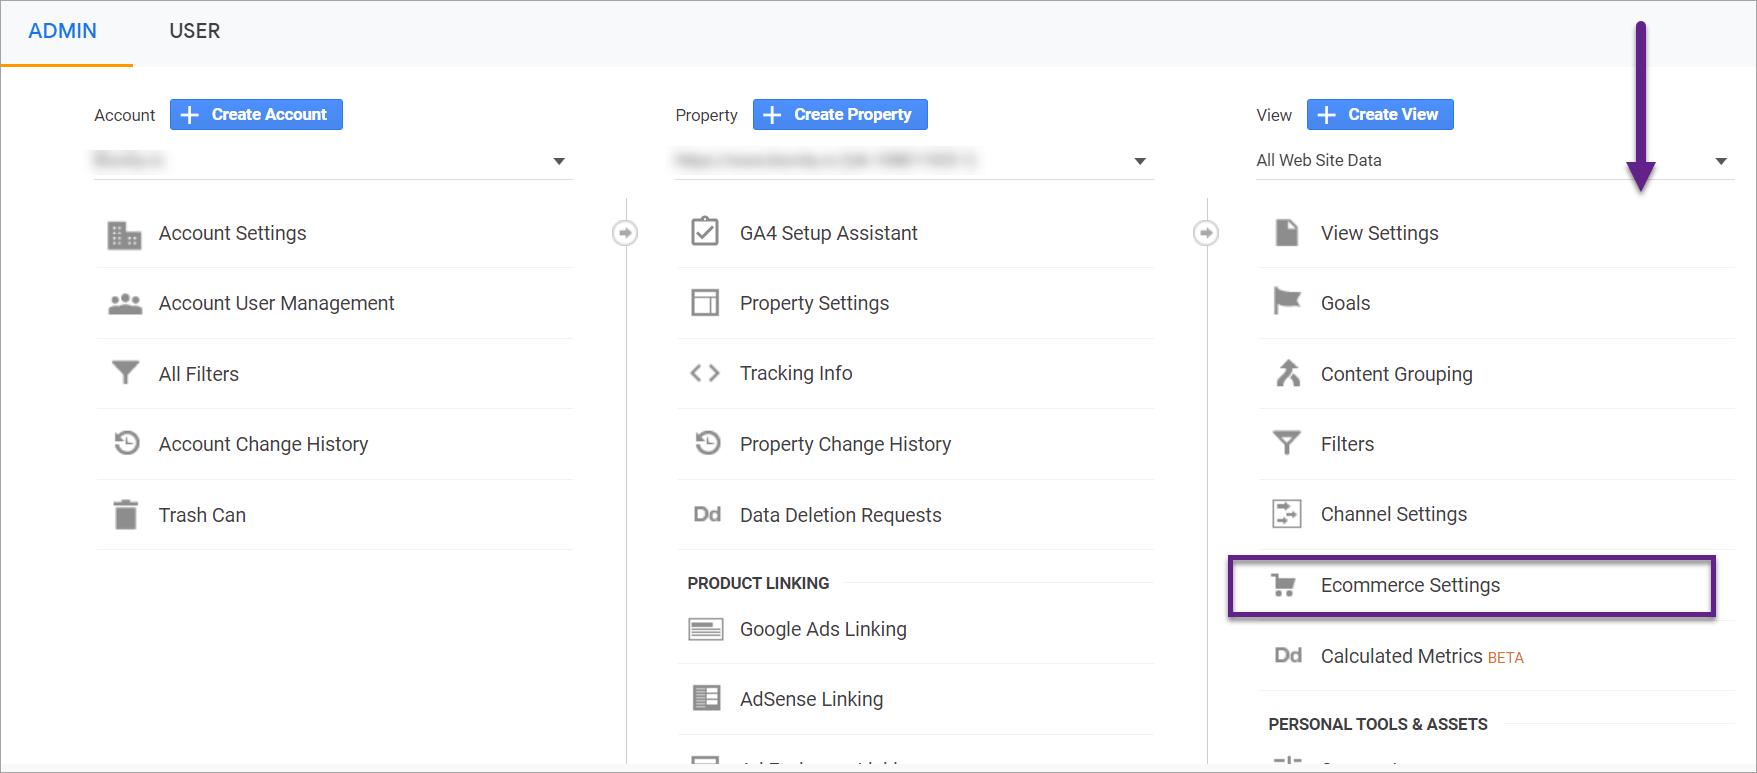 Selectare optiune ecommerce settings